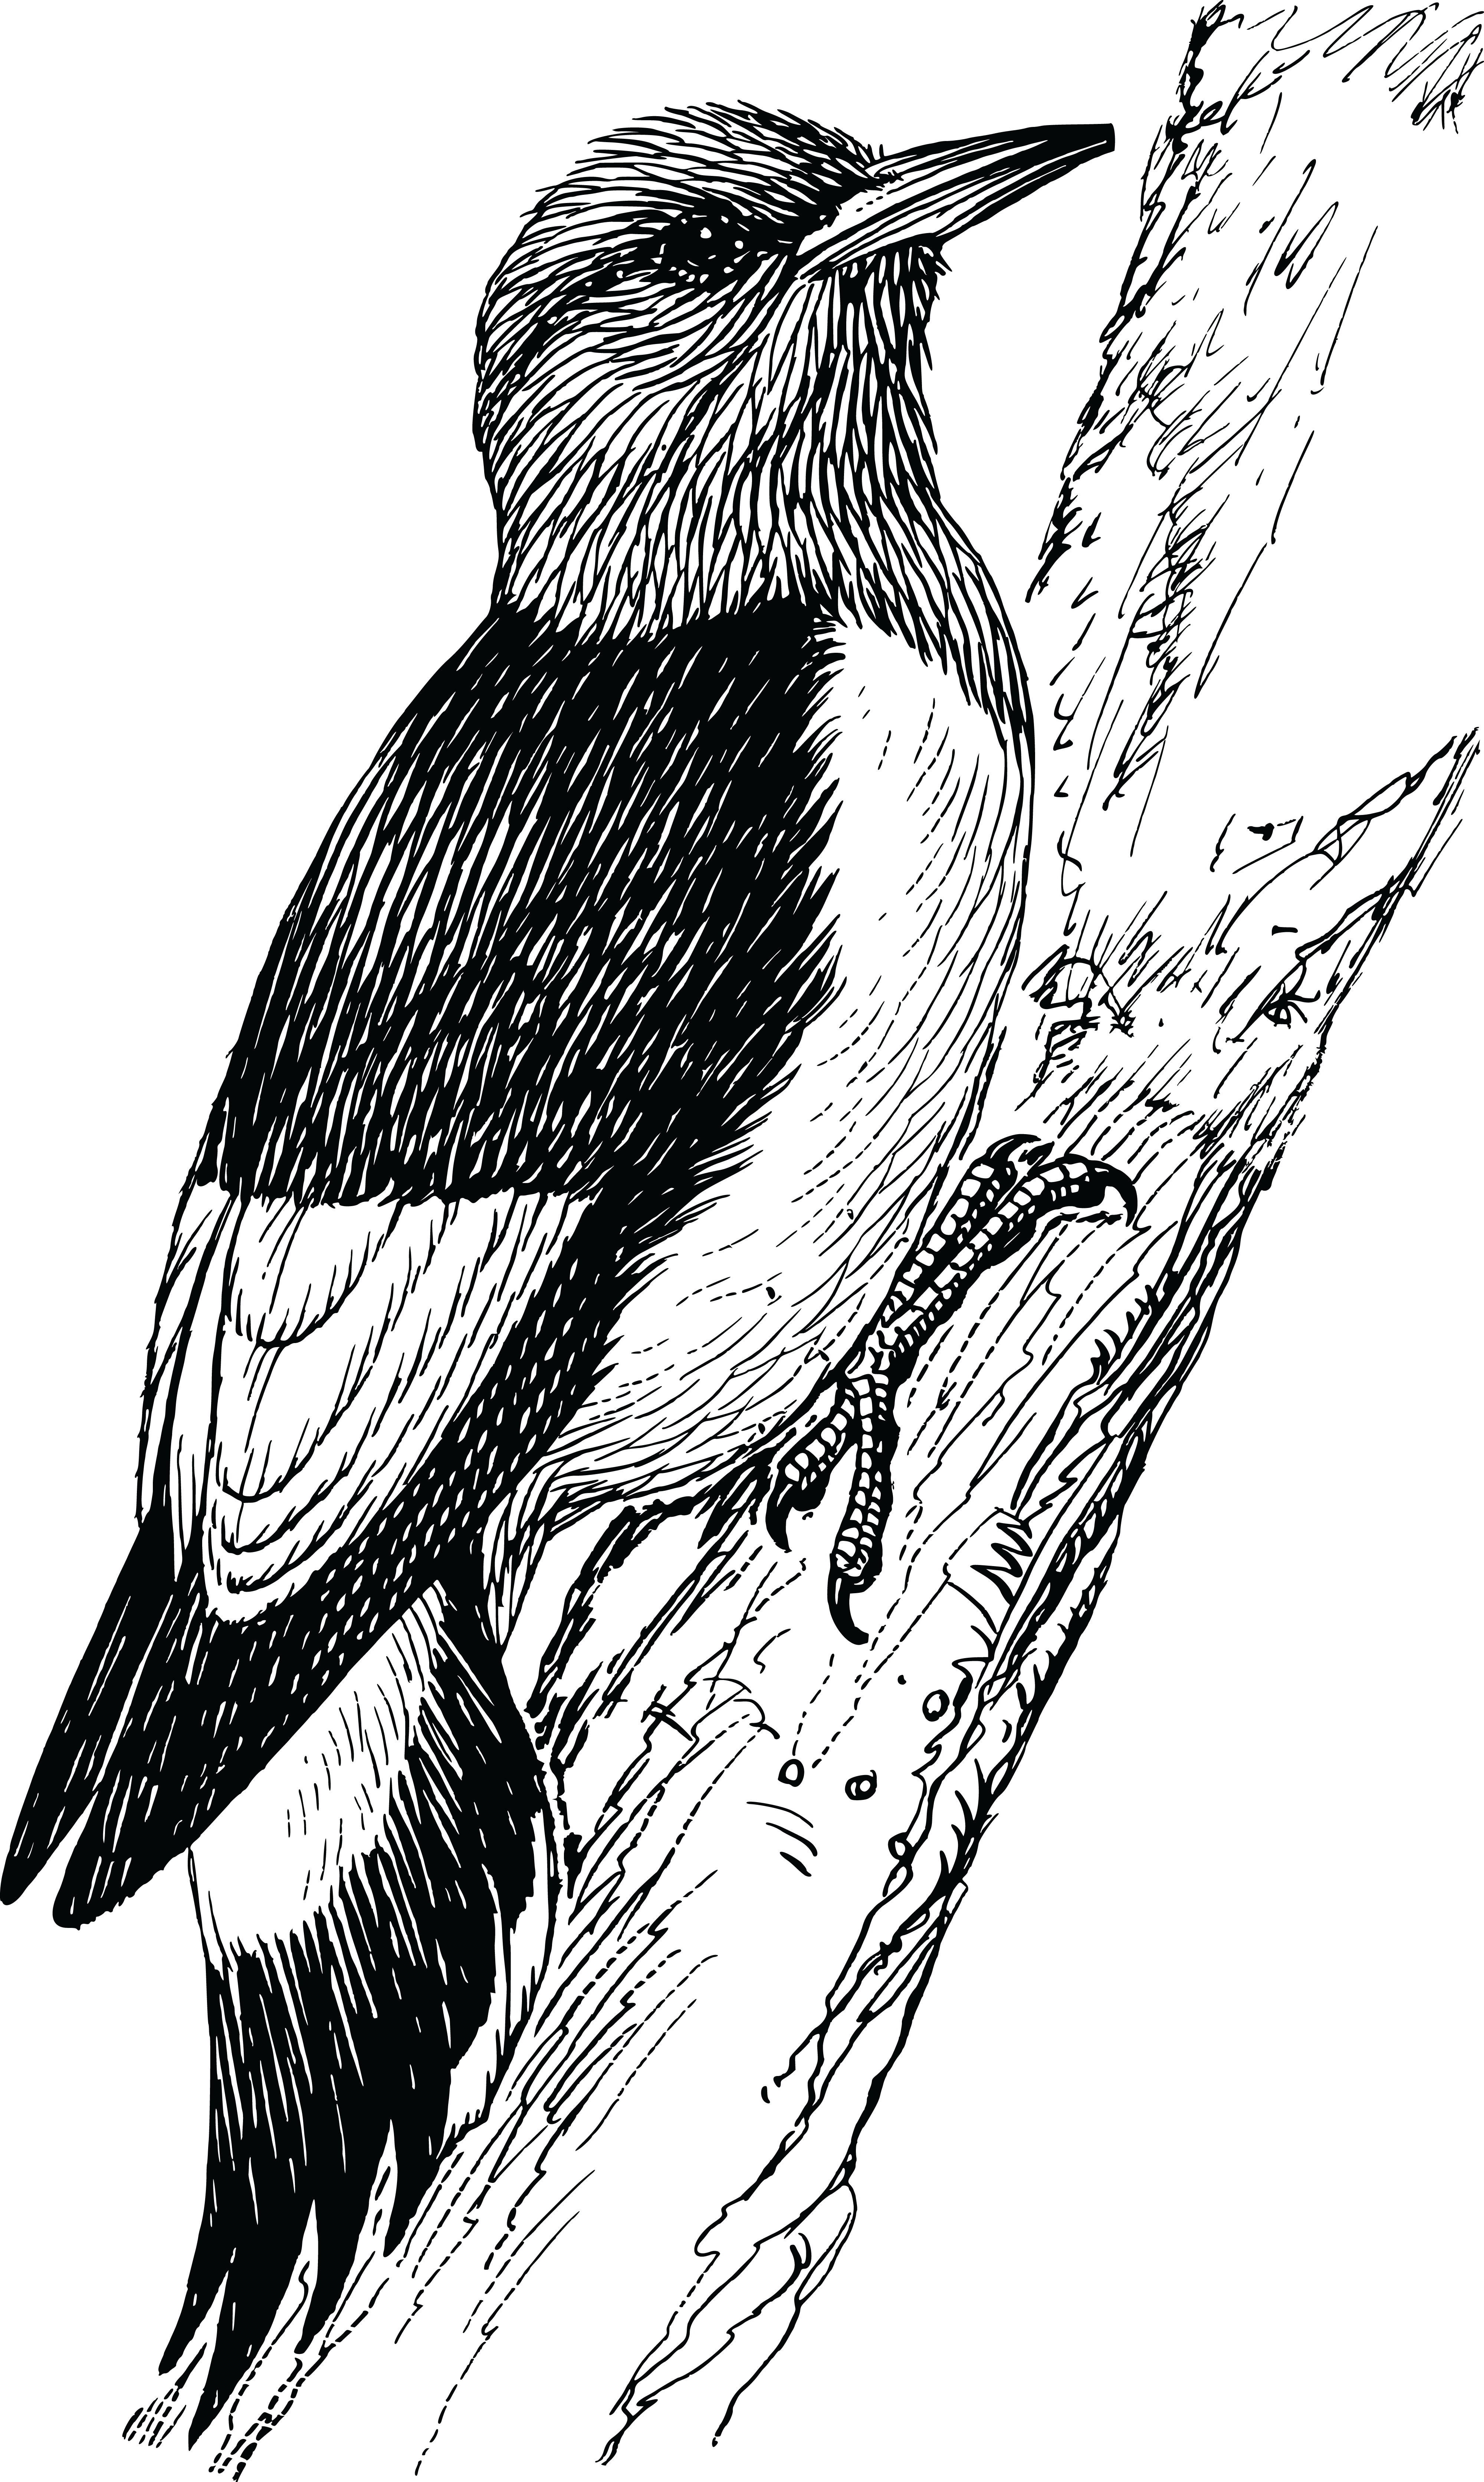 Free Clipart Of A woodpecker bird